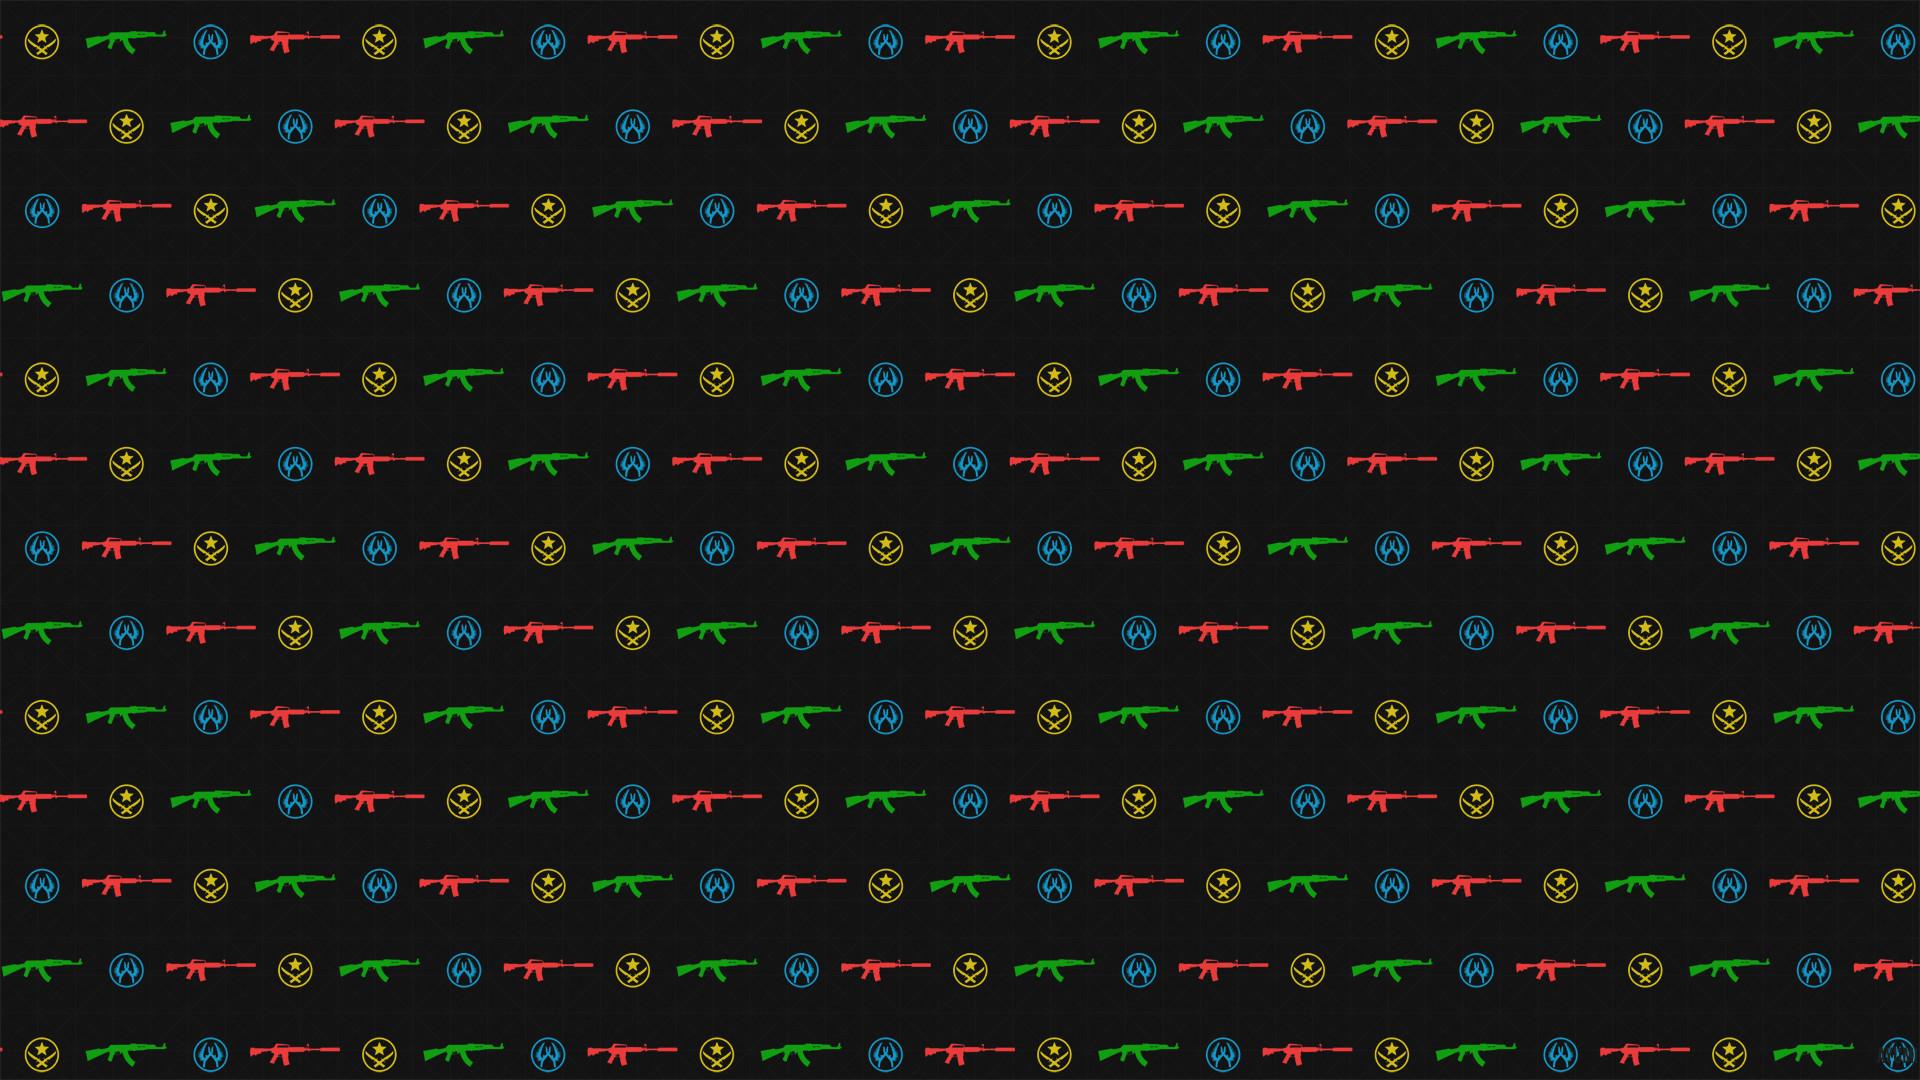 CSGO Ak-47 – M4a1 wallpaper pattern